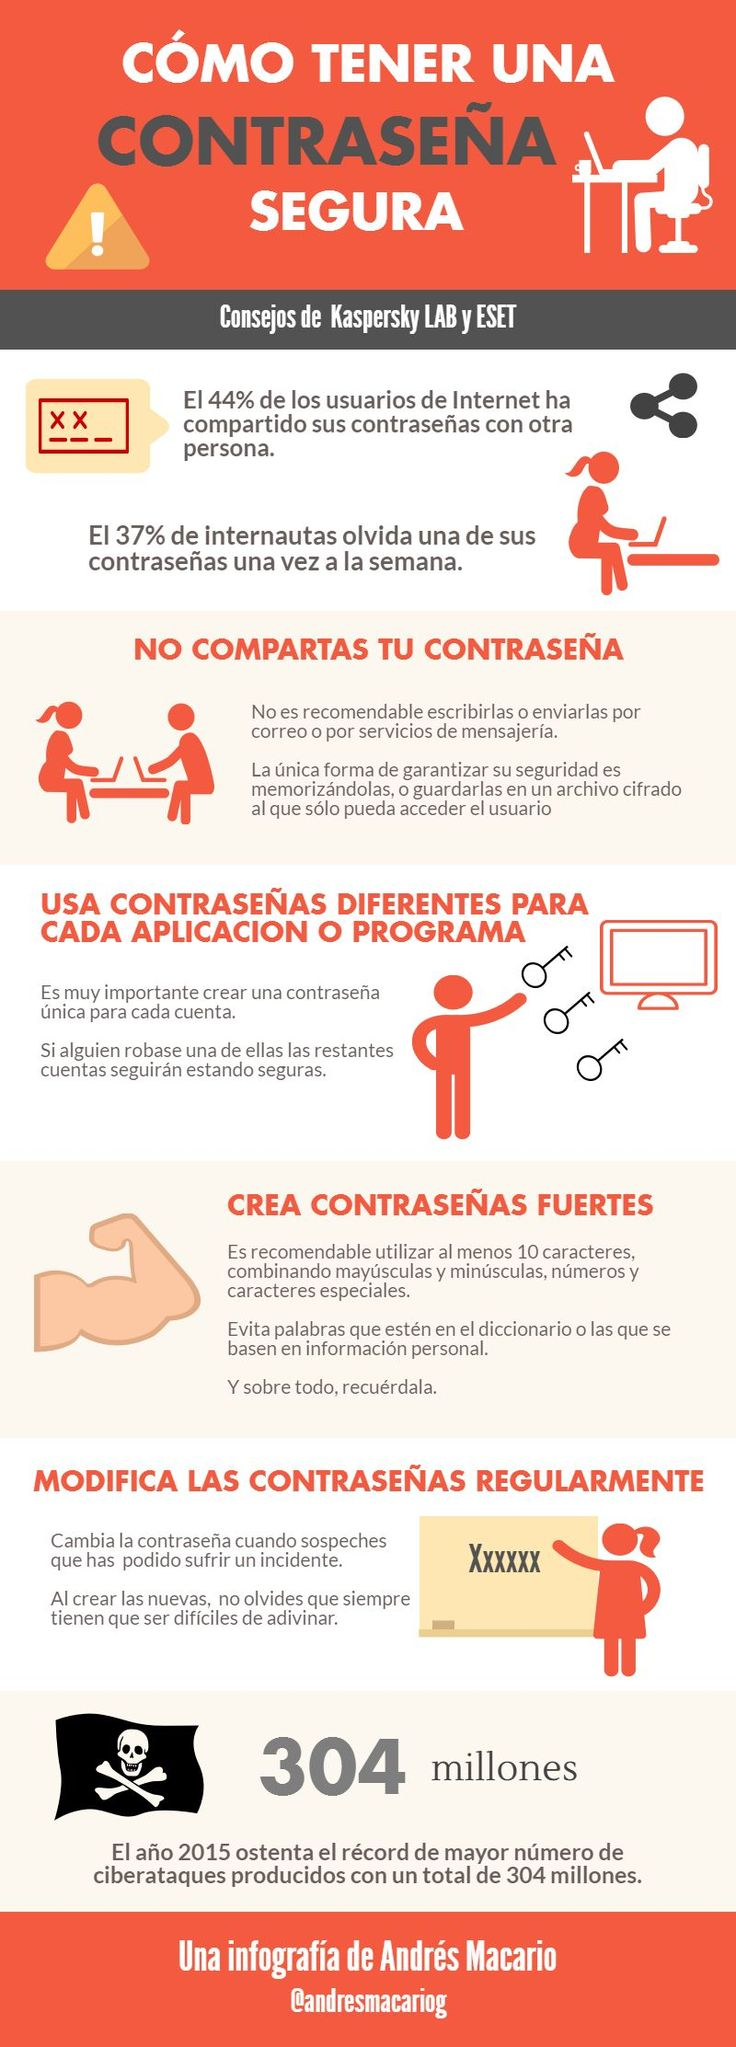 Cómo tener una contraseña segura. Infografía en español. #CommunityManager